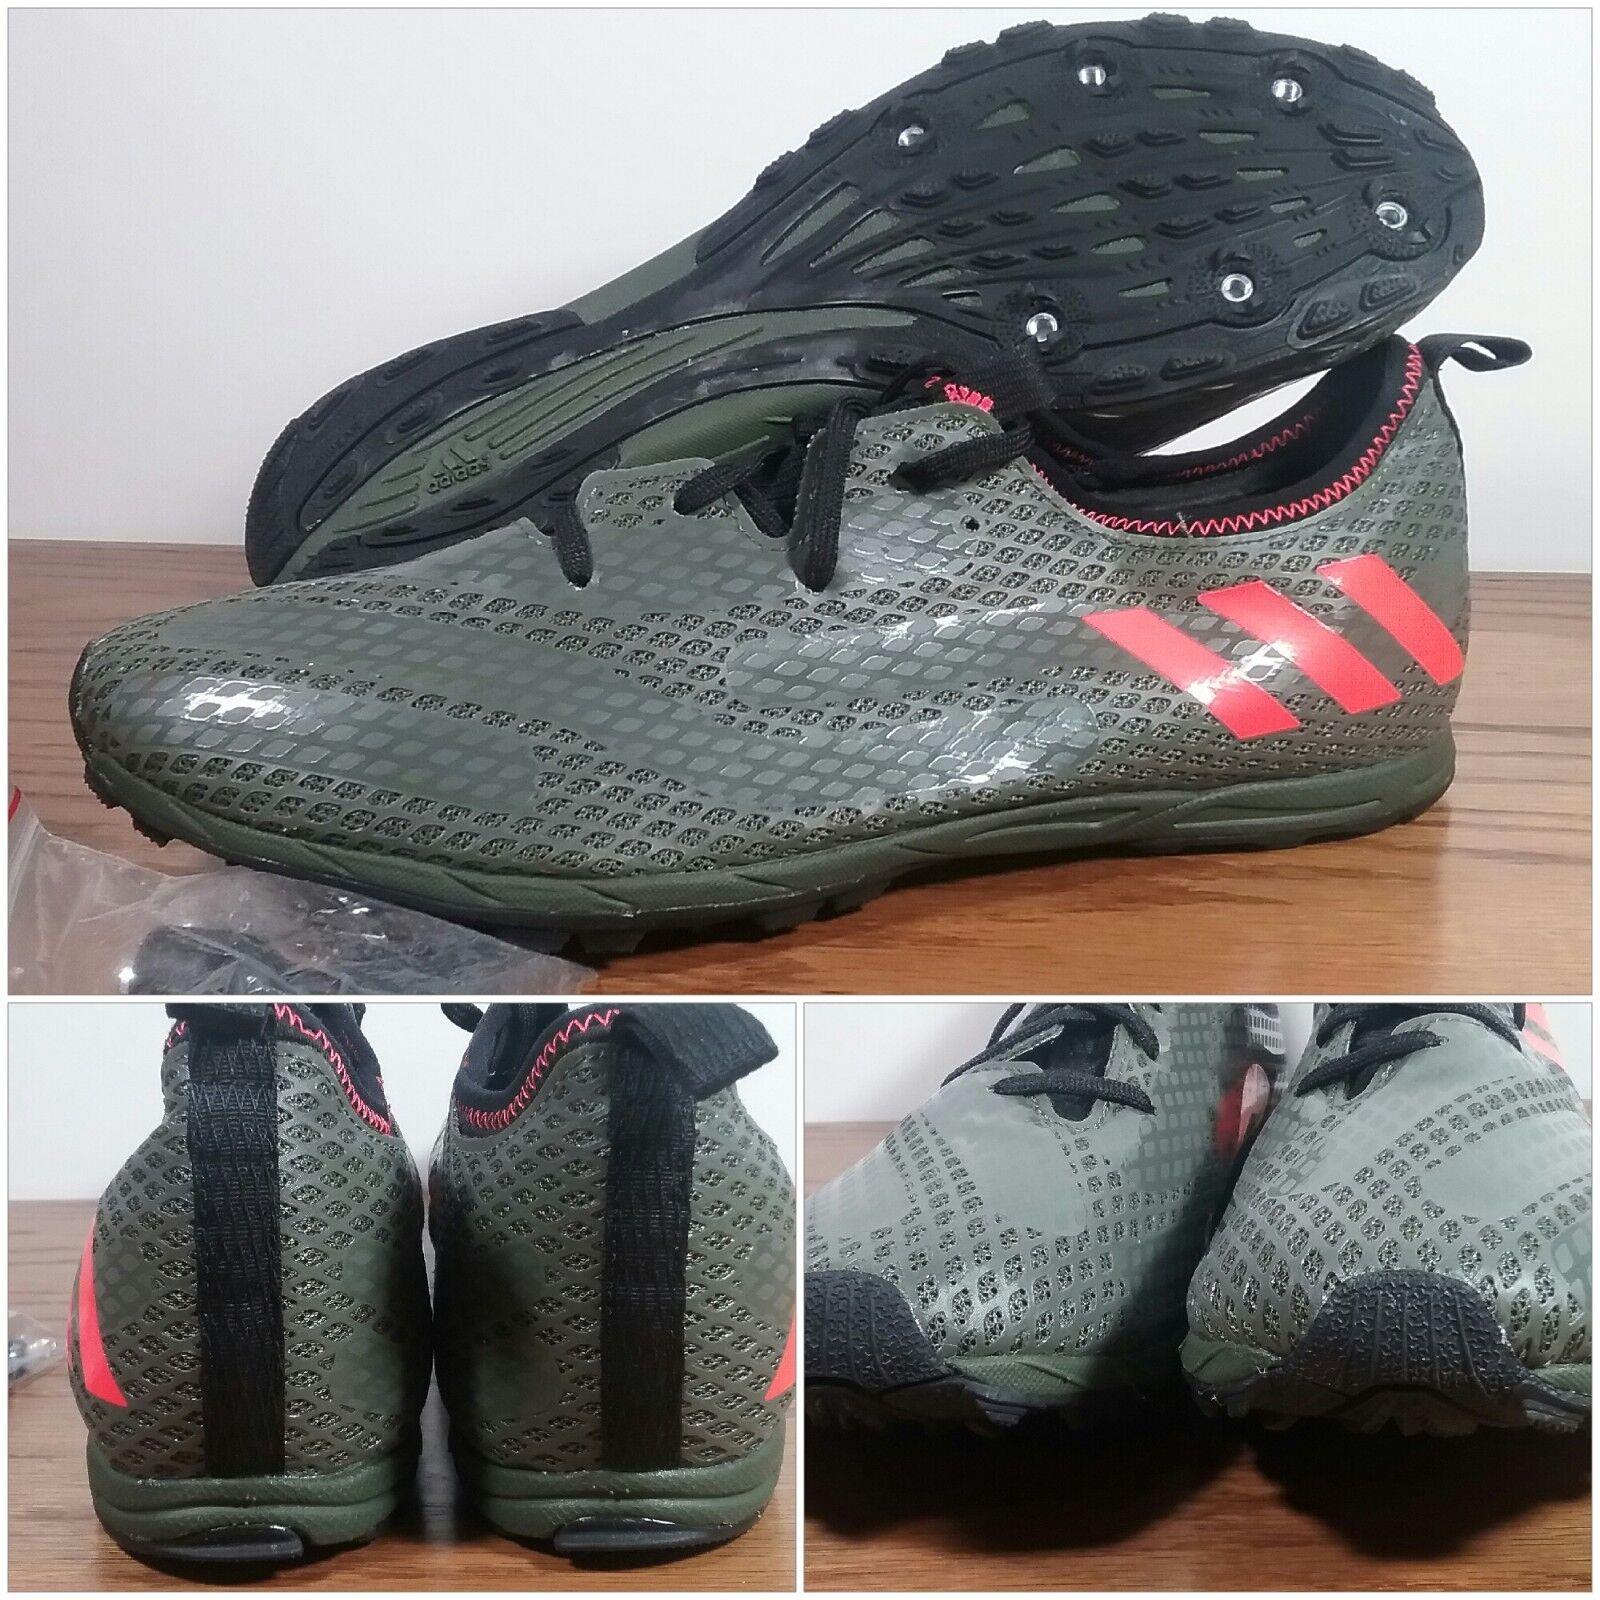 Nuove adidas x xcs track & field cross country country country scarpe numero 43 w   spuntoni ba8387 | Una Buona Reputazione Nel Mondo  b97305